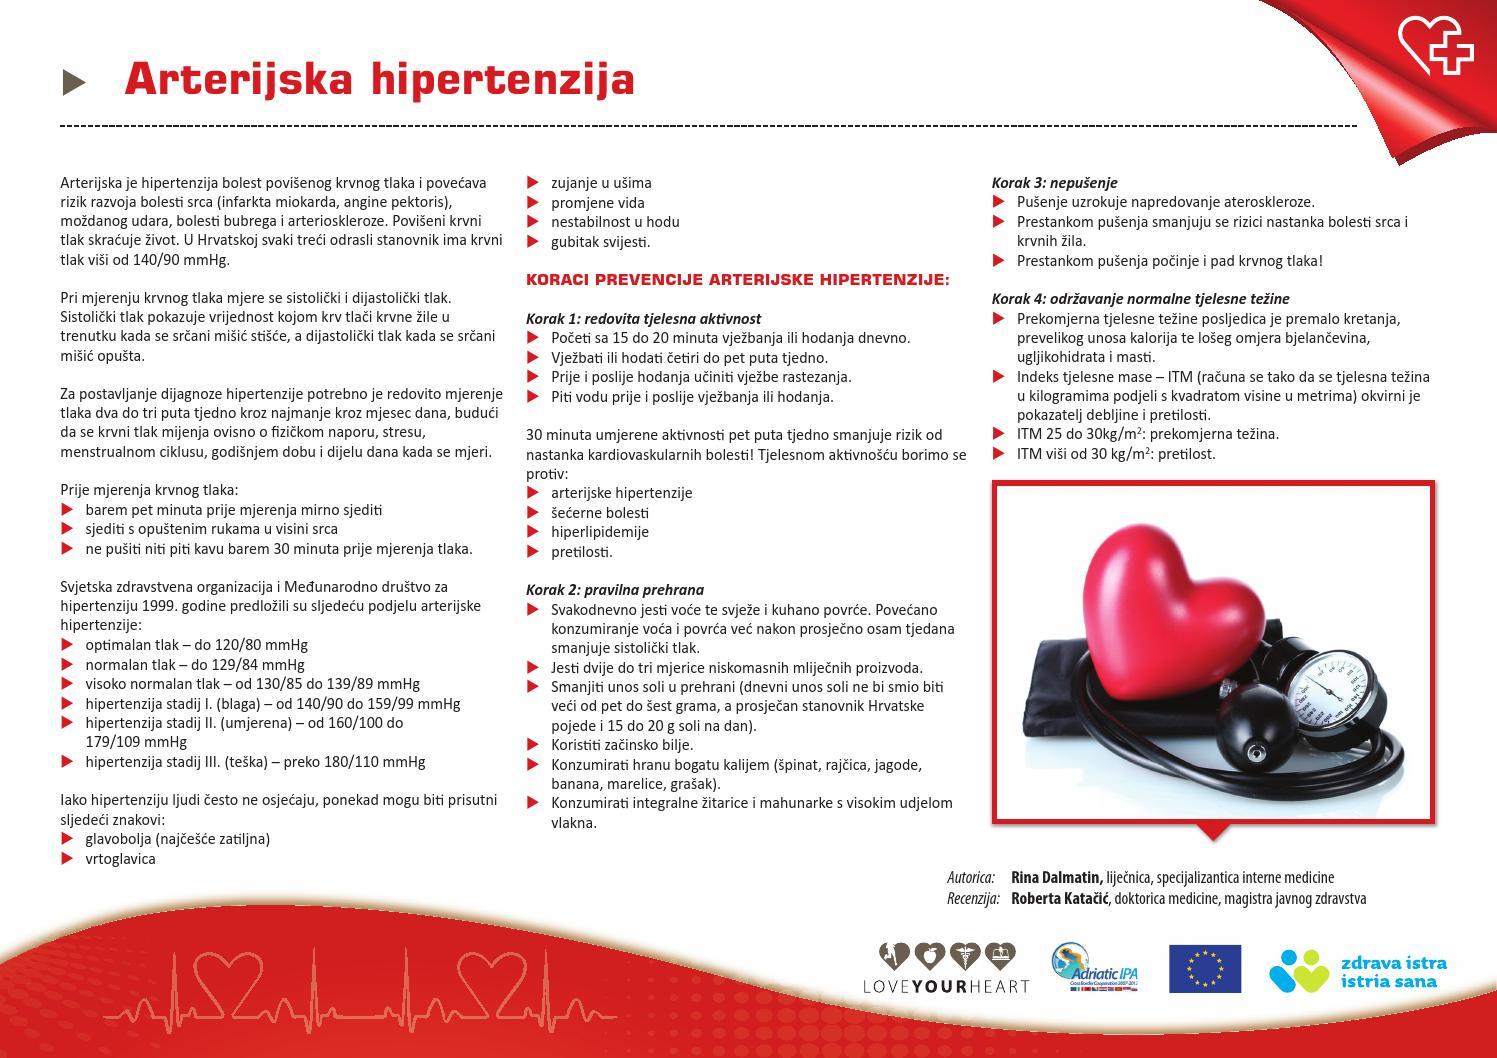 kardio vježbe za hipertenziju